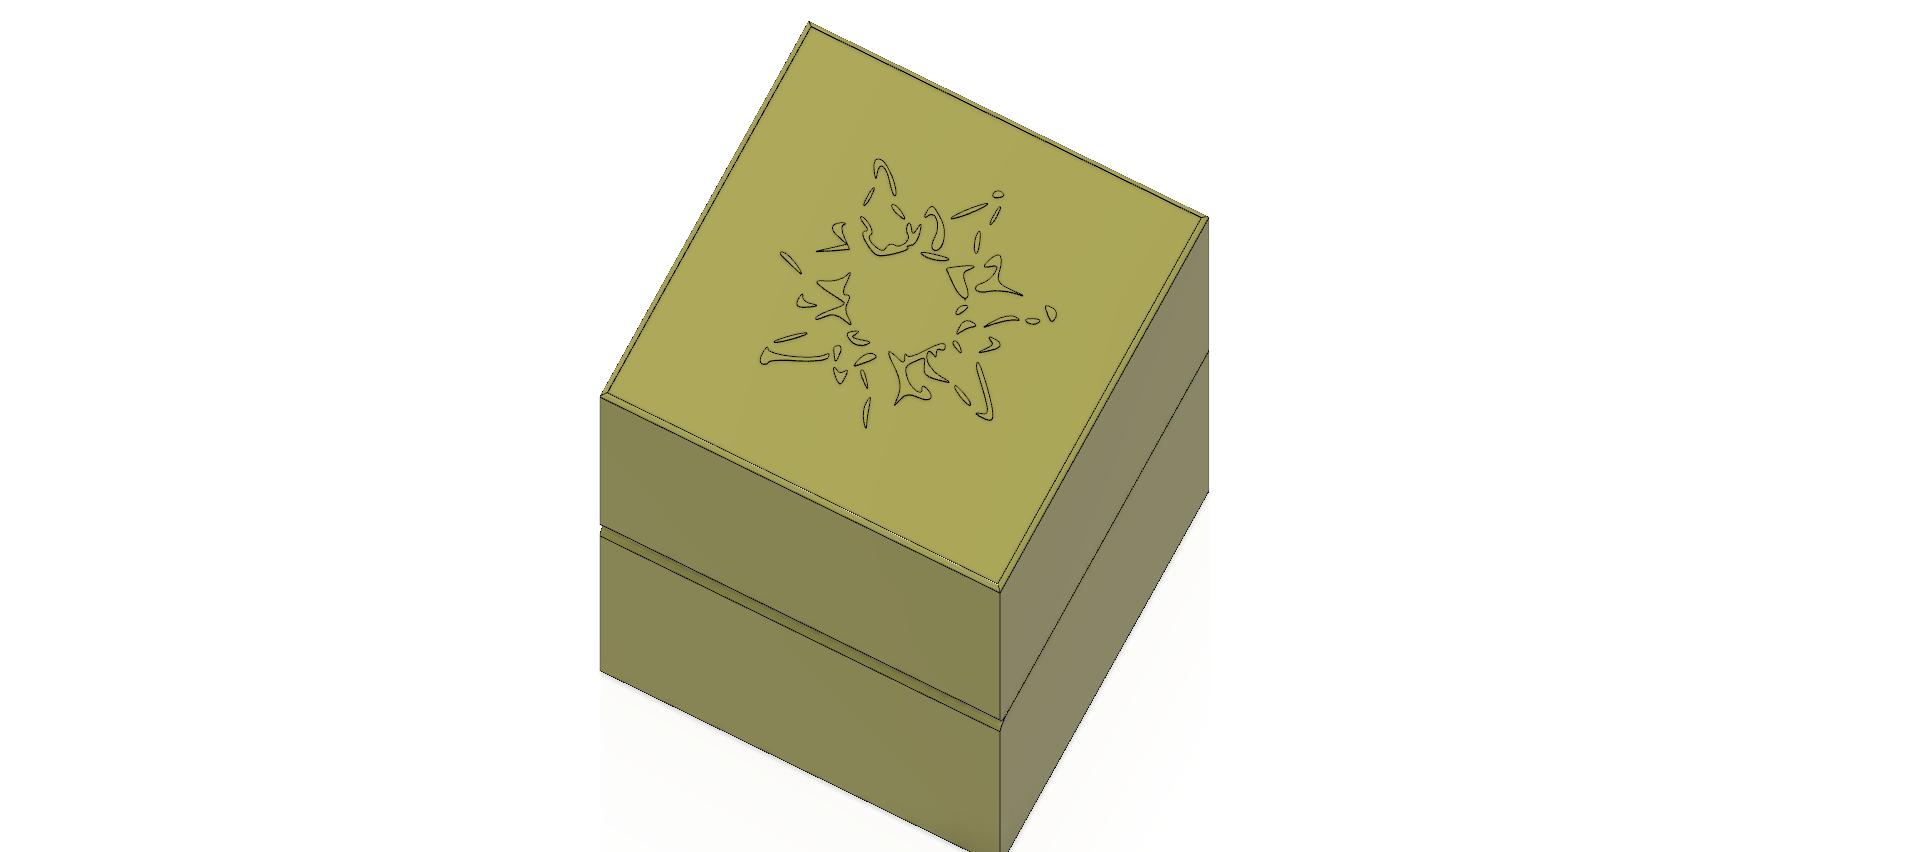 cube-02-a1 v1-05.png Descargar archivo OBJ Caja de regalo Caja secreta pequeña caja secreta Modelo de impresión en 3D • Modelo para imprimir en 3D, Dzusto